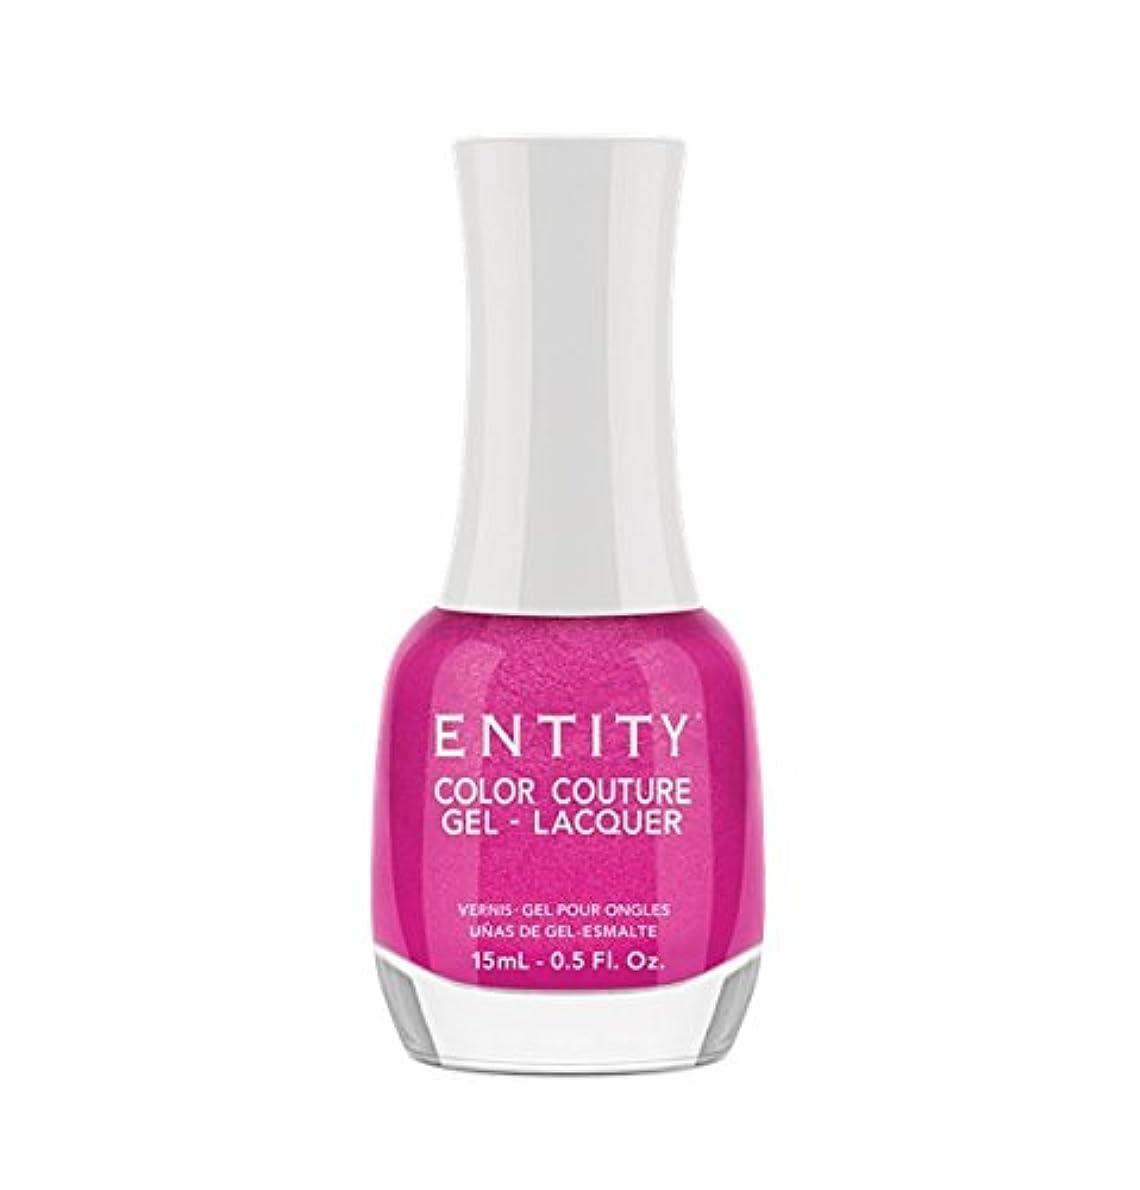 有害な落ち着く許容Entity Color Couture Gel-Lacquer - Beauty Obsessed - 15 ml/0.5 oz